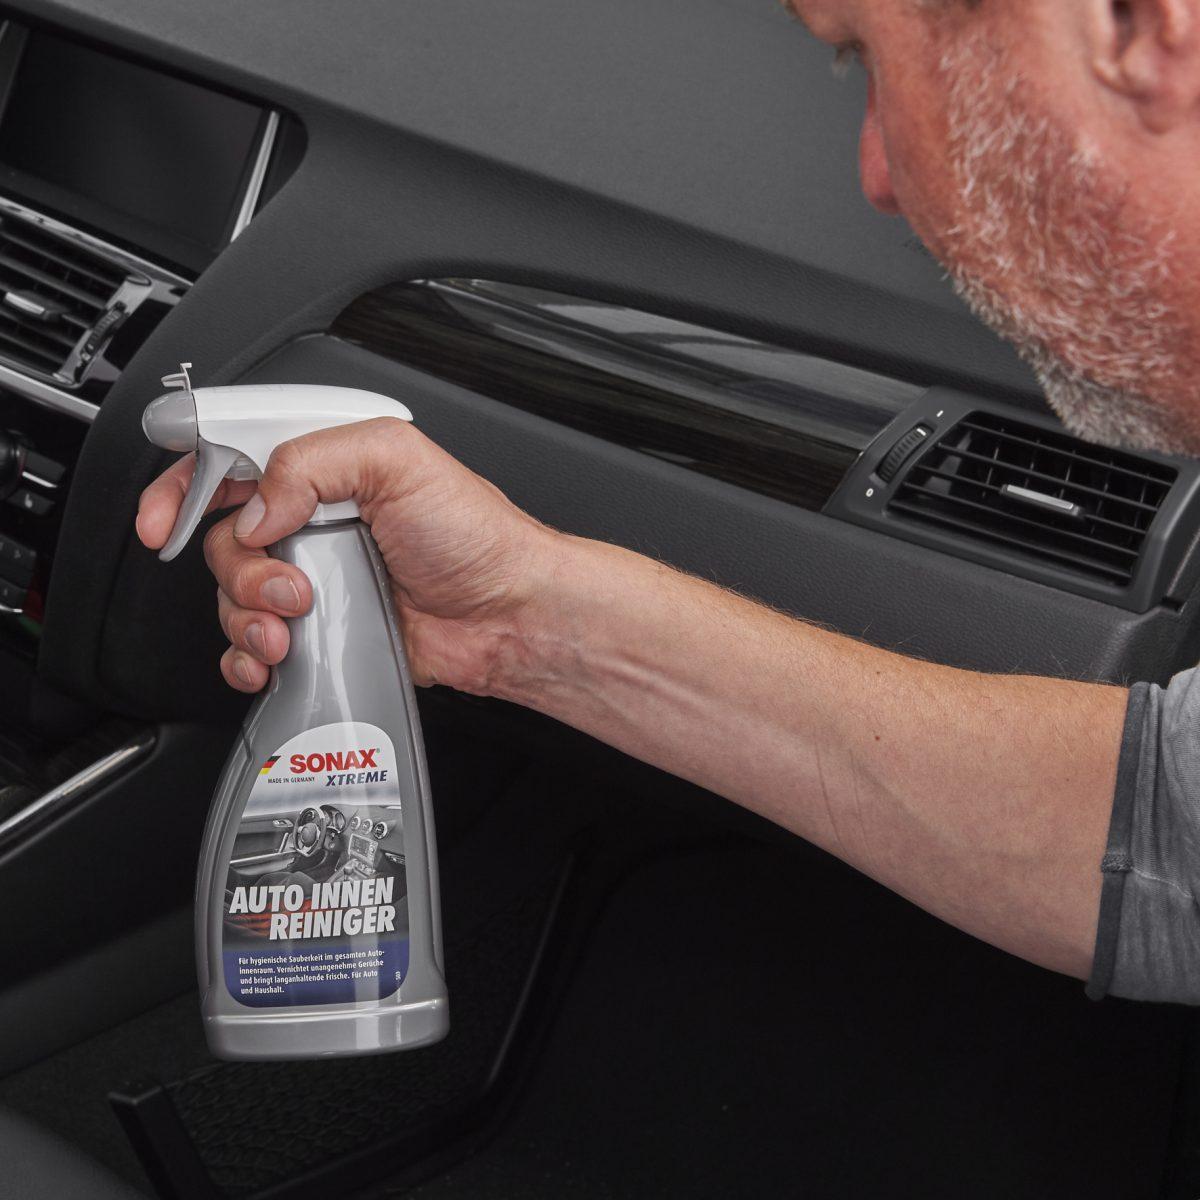 Elektroauto richtig reinigen und desinfizieren